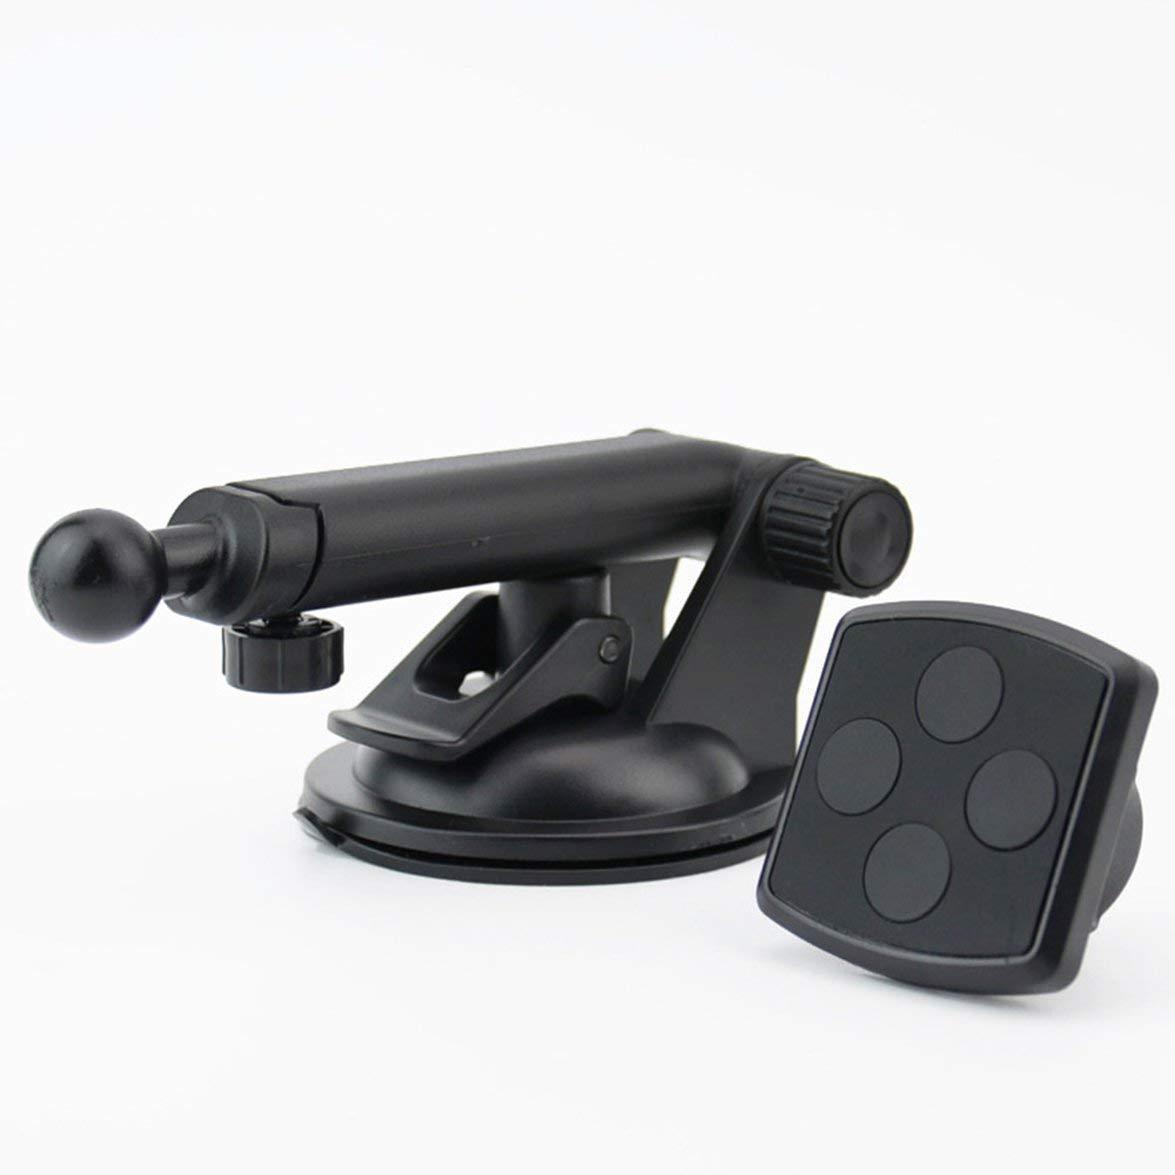 Banbie Extensible Magn/étique Support De T/él/éphone De Voiture Multifonction Sucktion Tasse De Voiture Support De T/él/éphone Universel Support de T/él/éphone Mobile Support